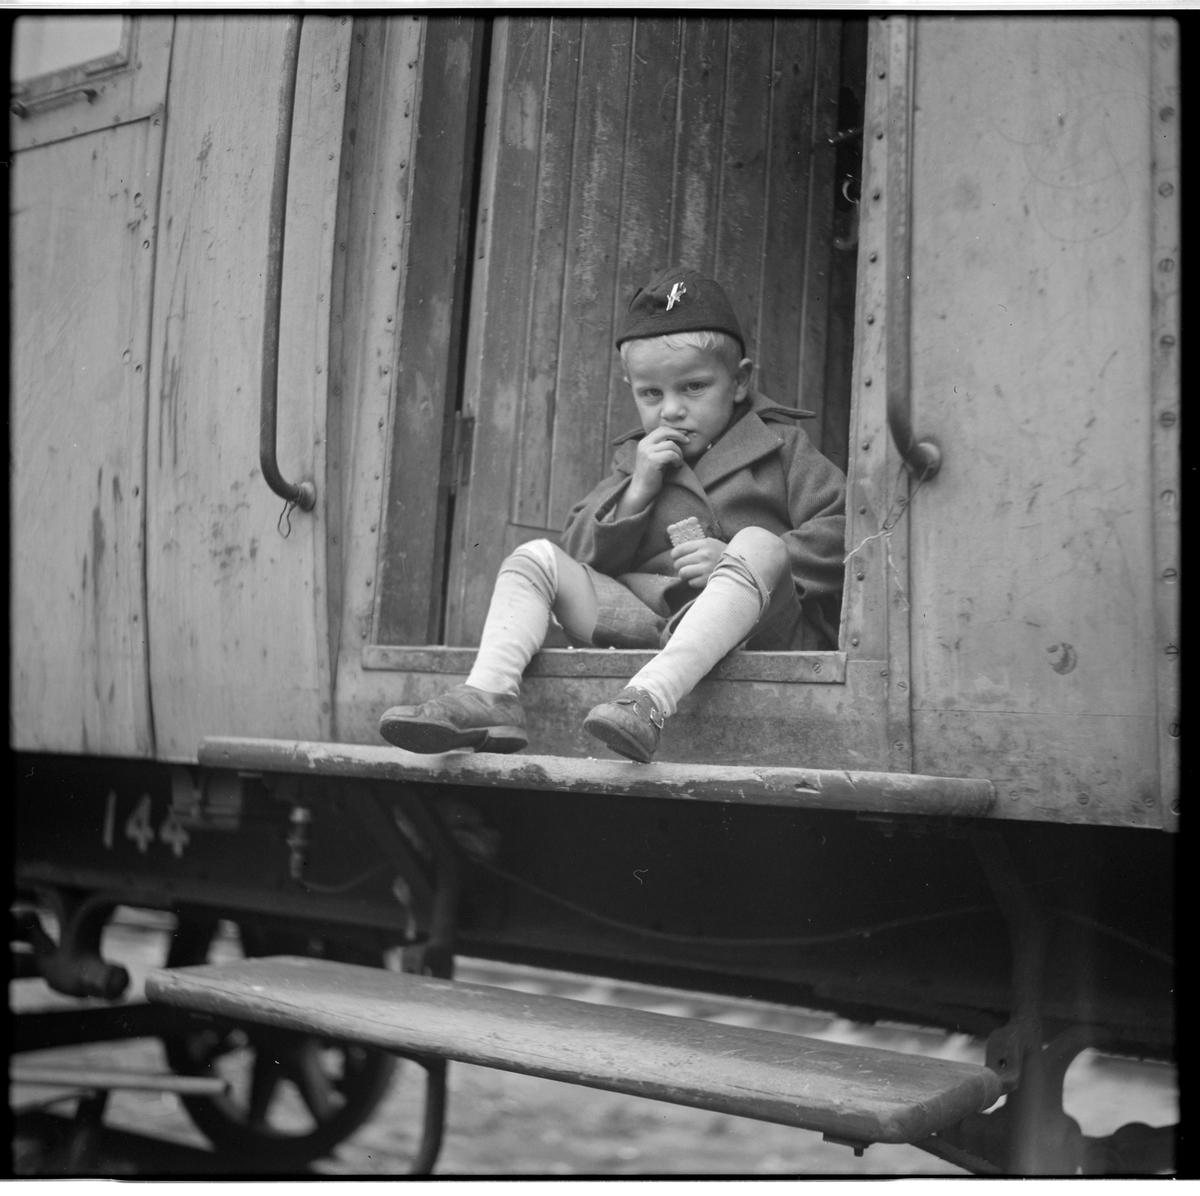 Okänd pojke sitter på avsatsen sitter till Statens Järnvägar, SJ Bostadsvagn 144.